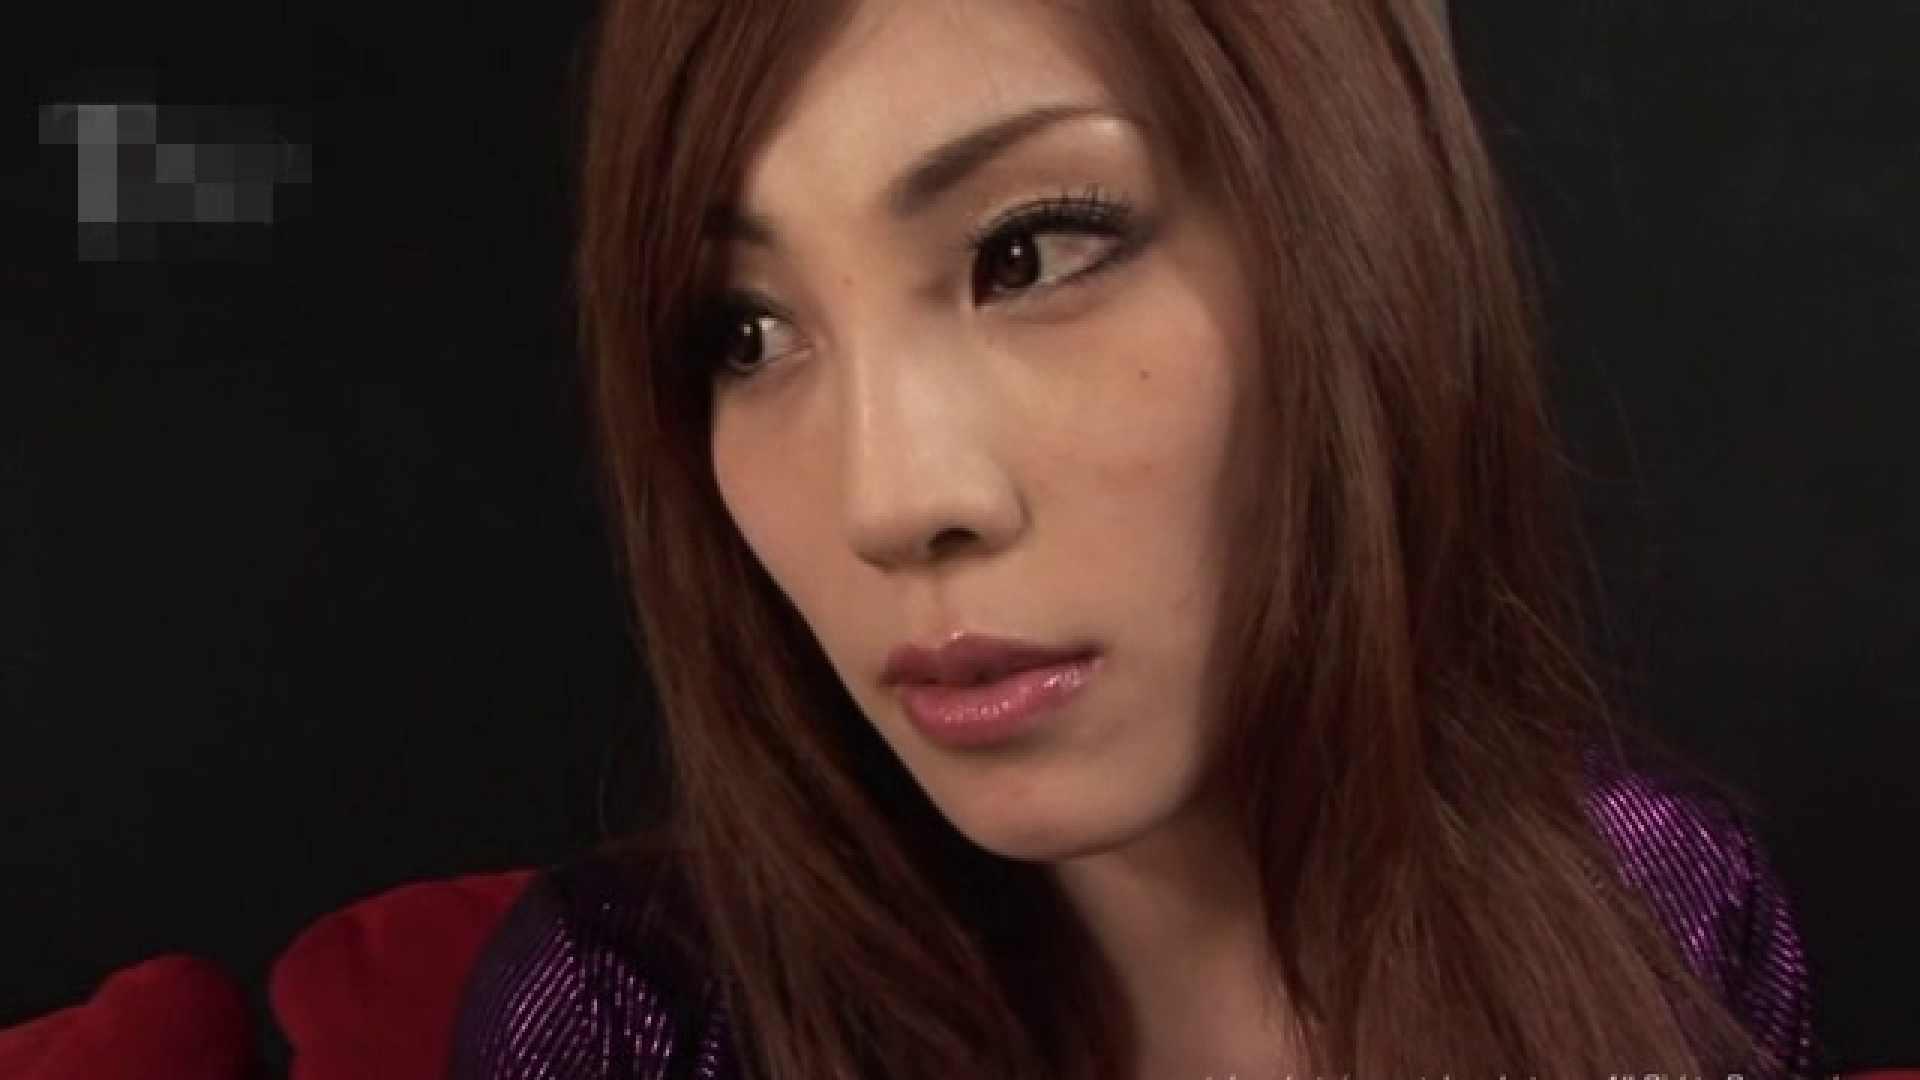 長身モデル連続アメ 痴女 盗撮 80PIX 2